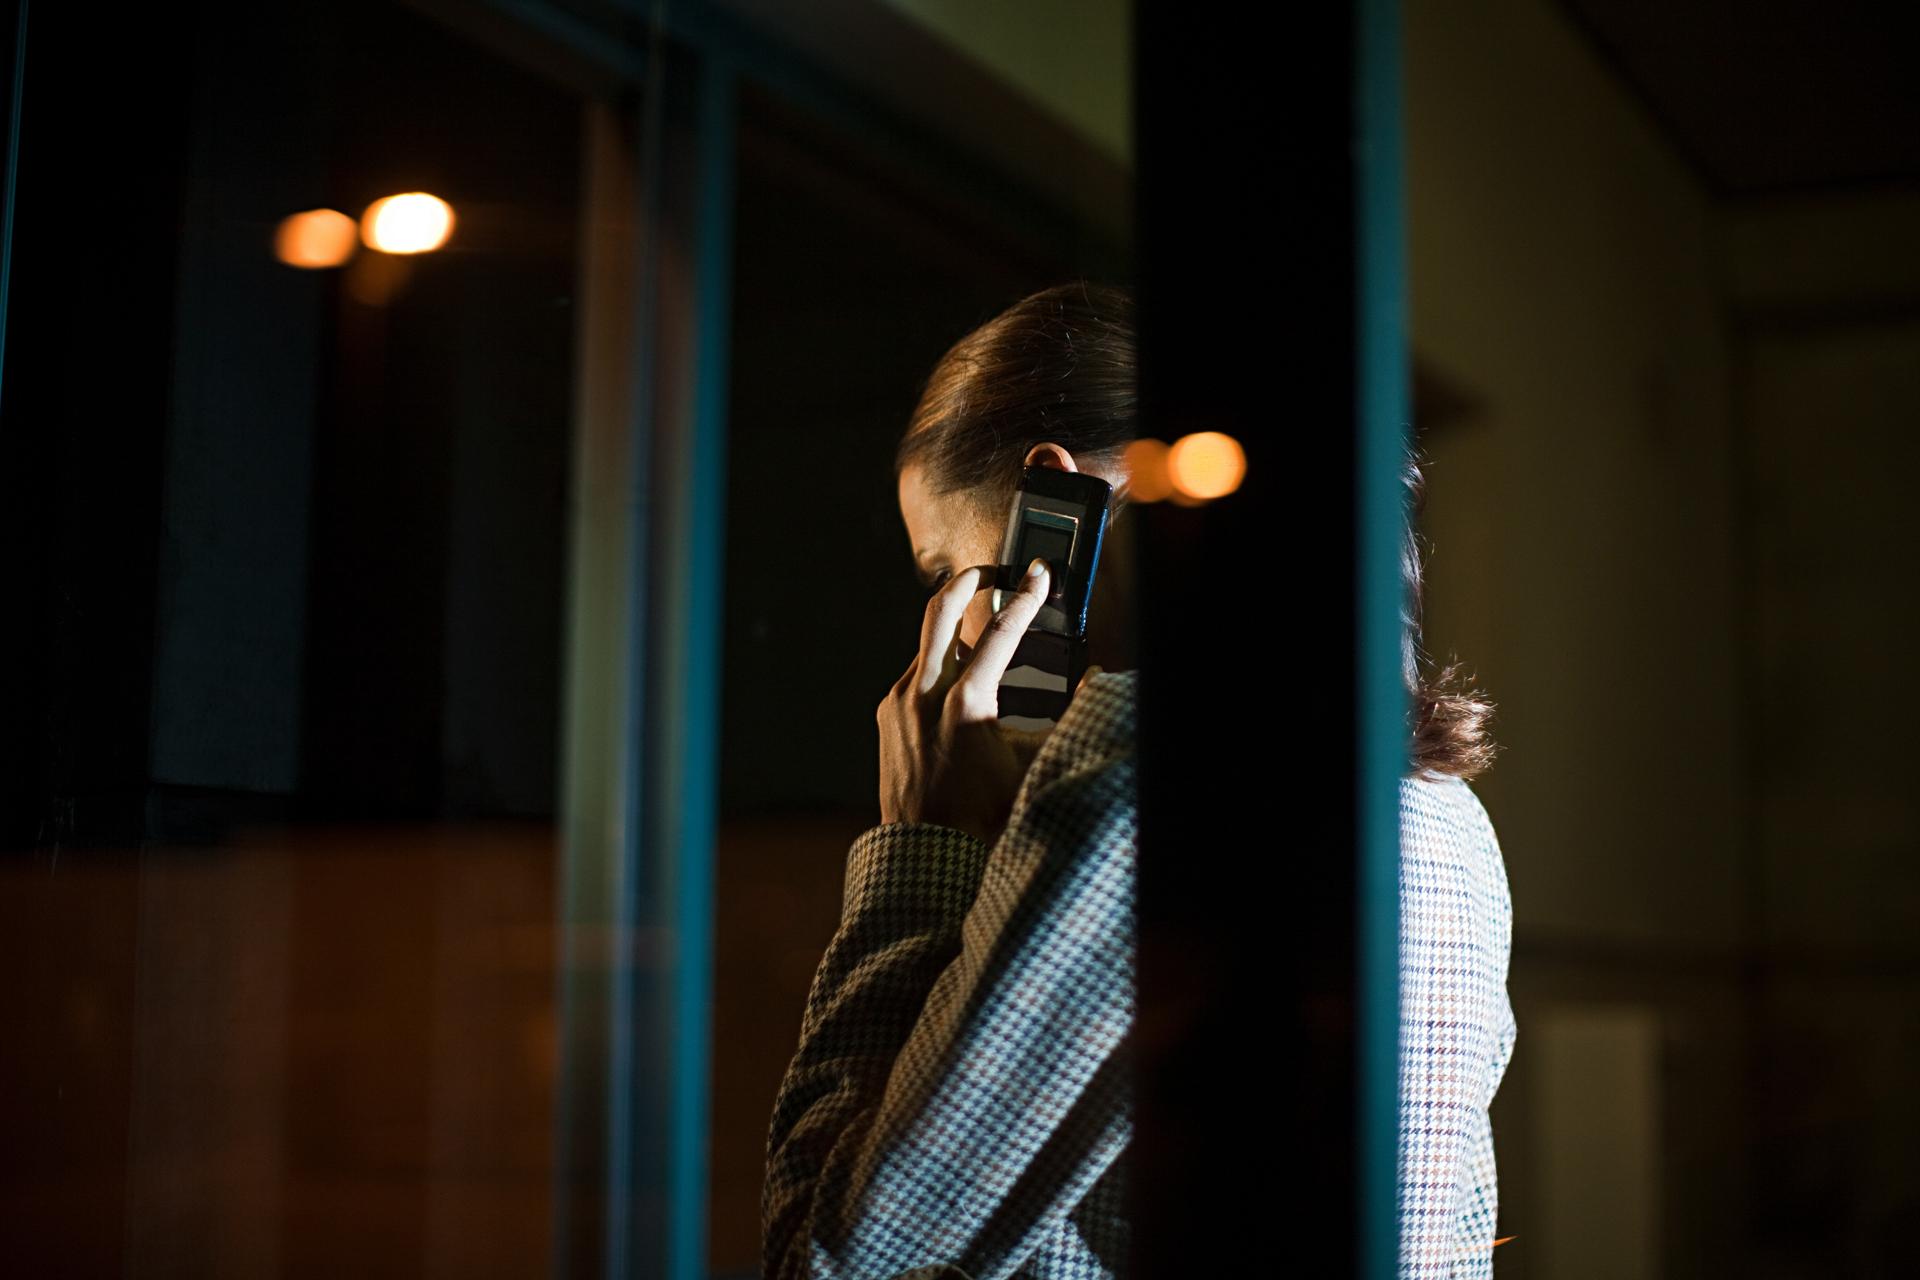 Aparecen las conversaciones privadas por teléfono y suelen estar más pendientes del celular (Getty Images)